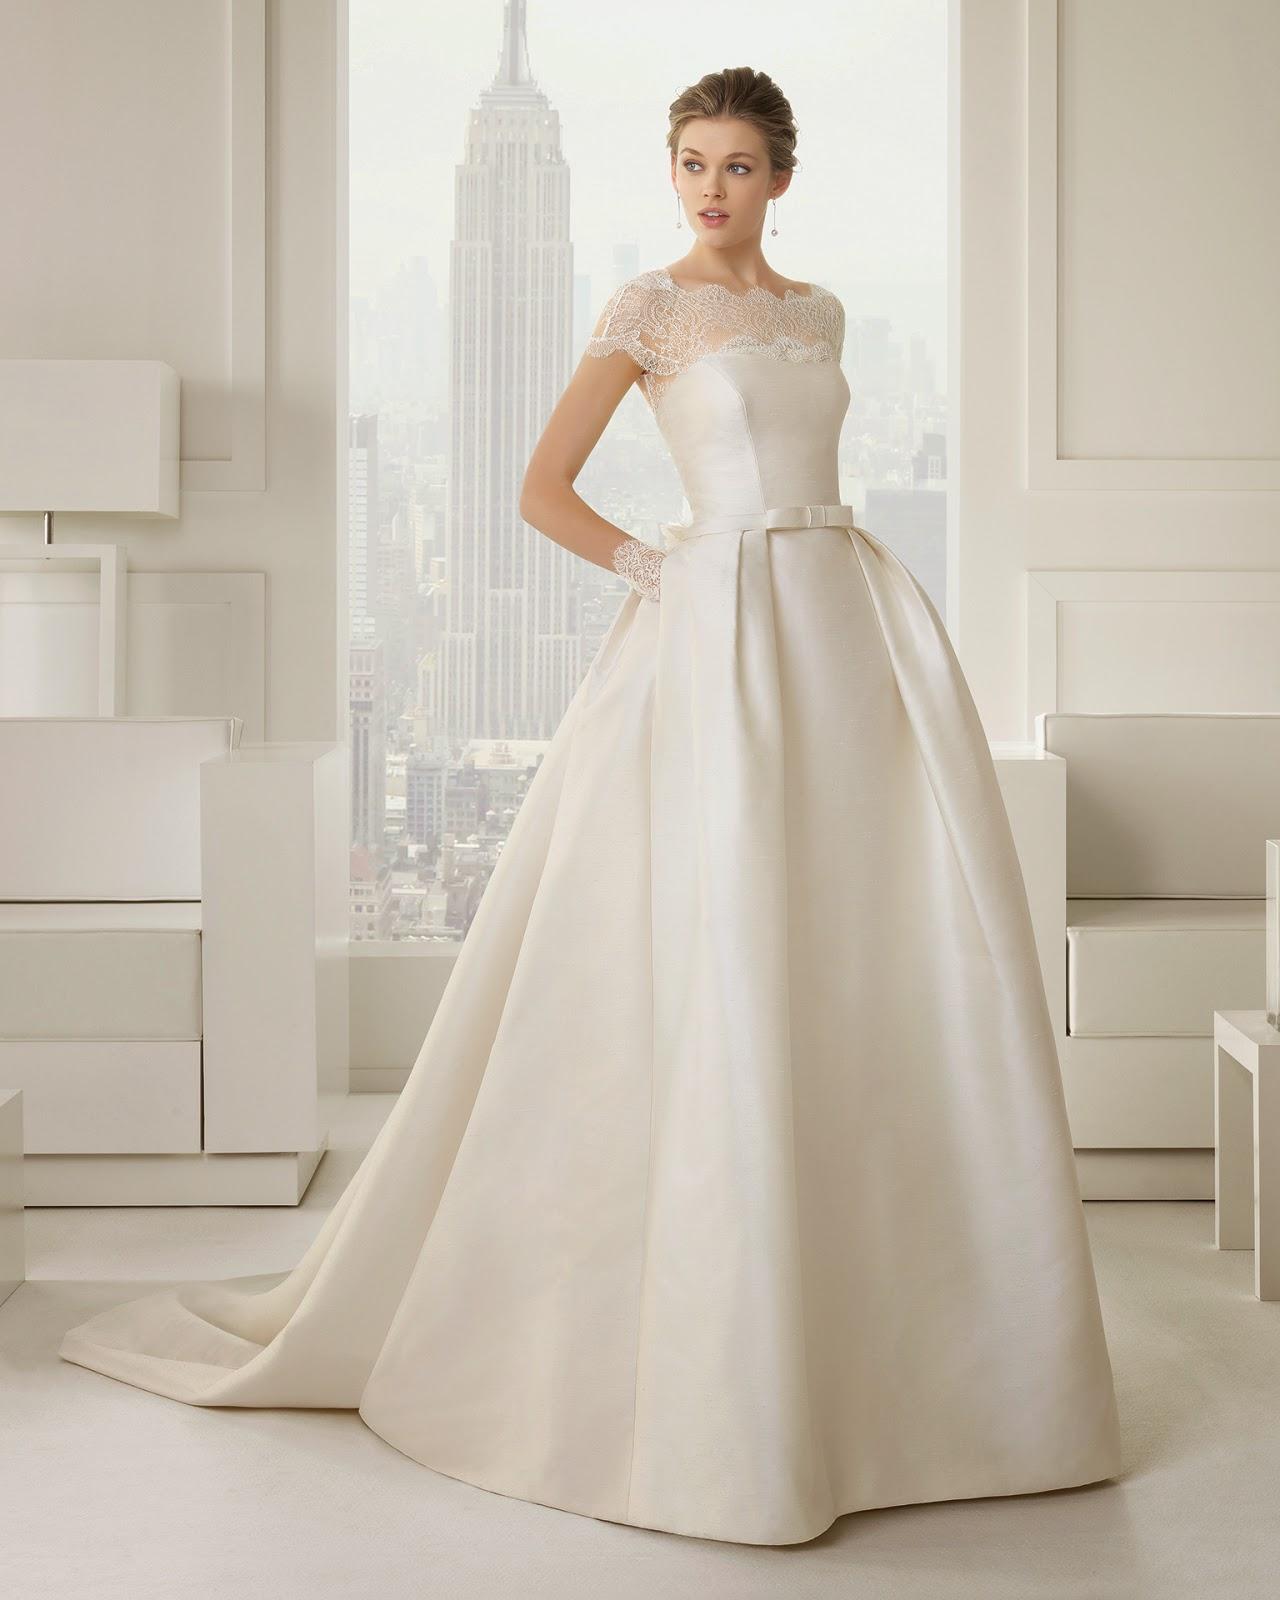 guia tipos de telas de vestidos de novia - blog mi boda - tela shantung